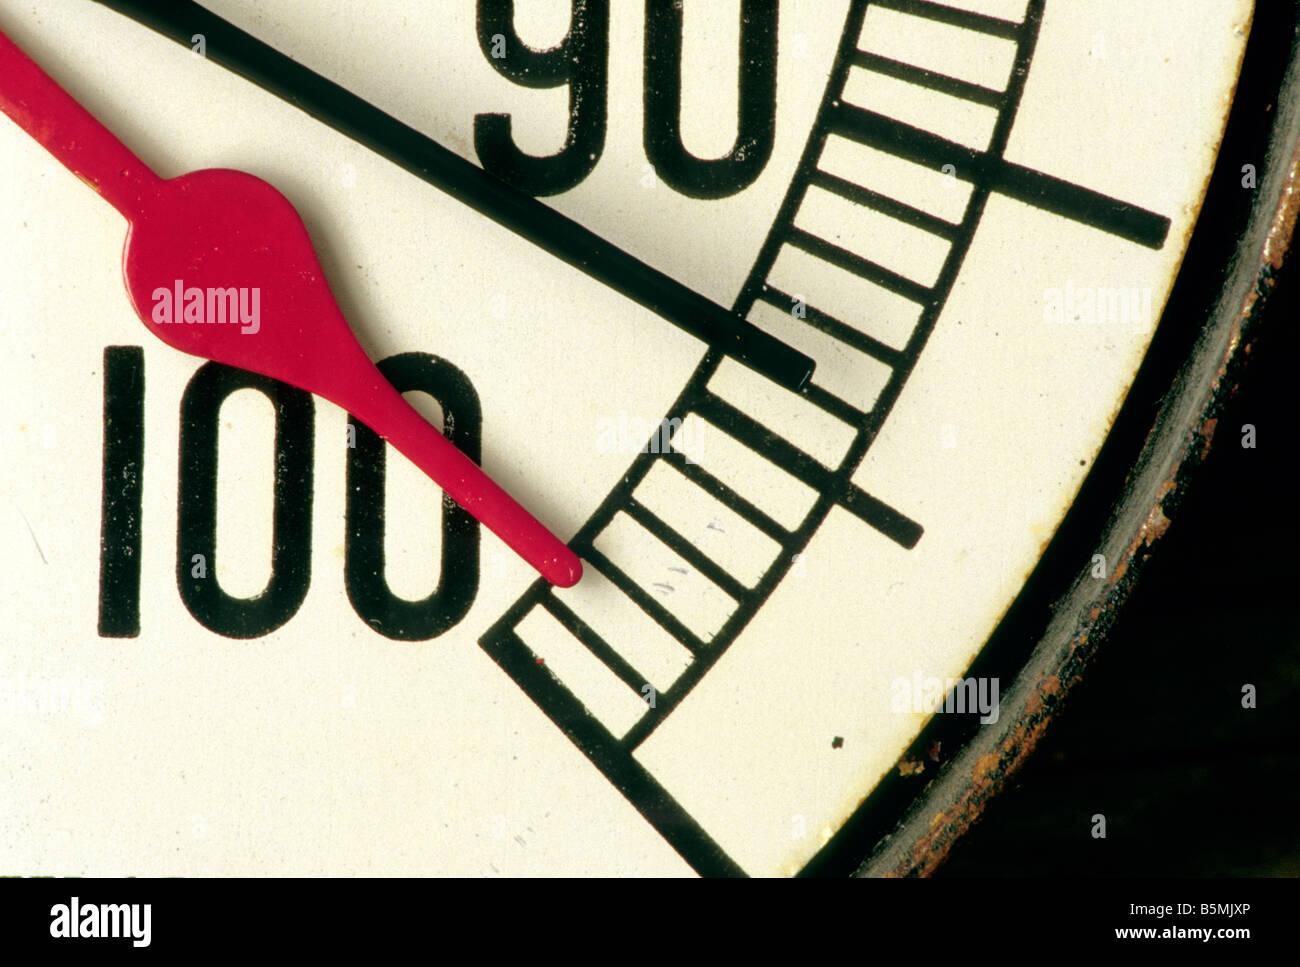 Calibrador de presión, indicadores de rojo y negro. Imagen De Stock